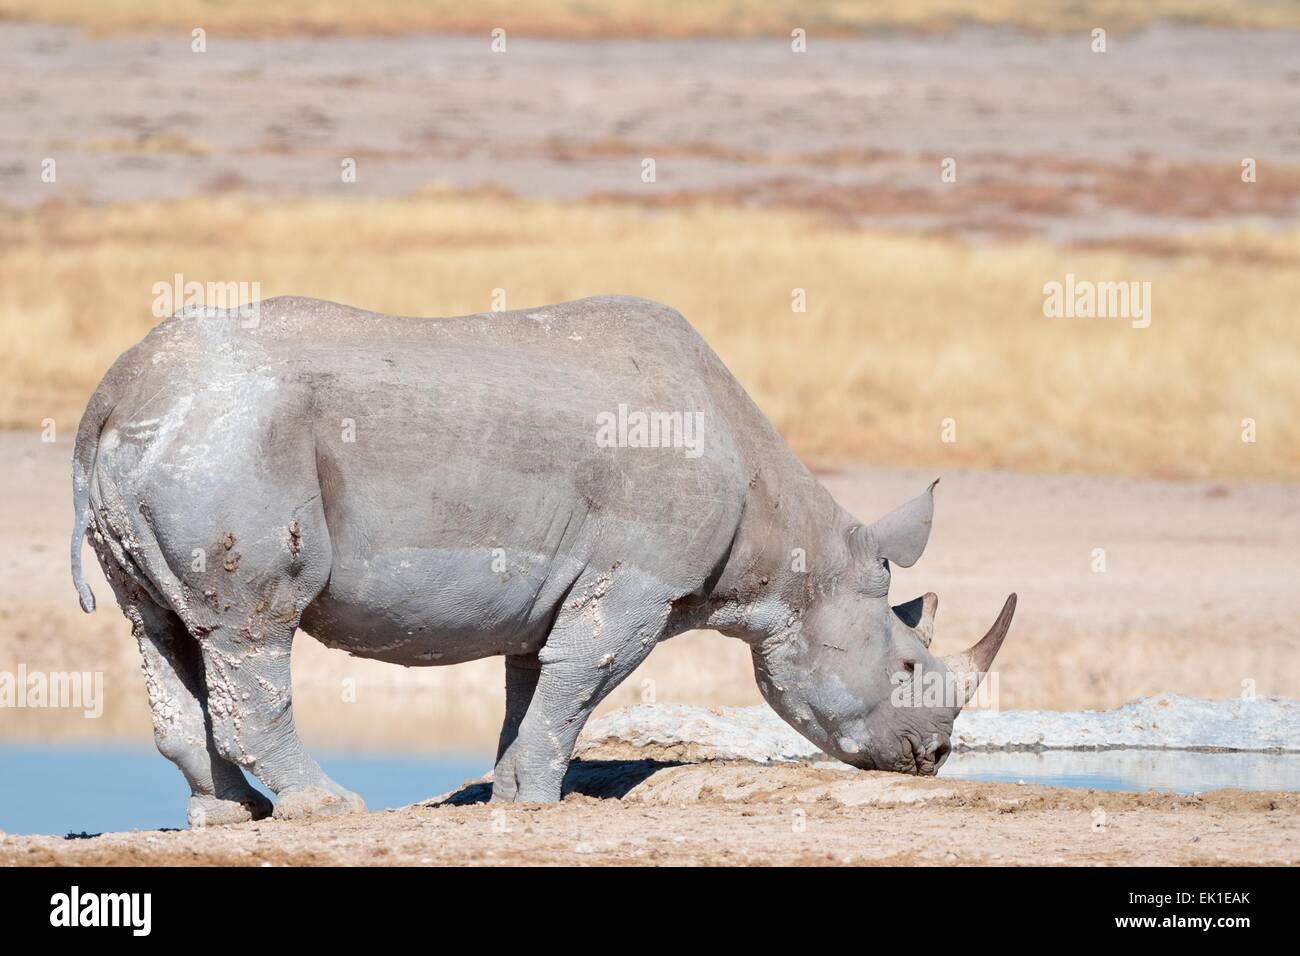 Le rhinocéros noir (Diceros bicornis), mâle adulte boire d'une eau, Etosha National Park, Namibie, Photo Stock